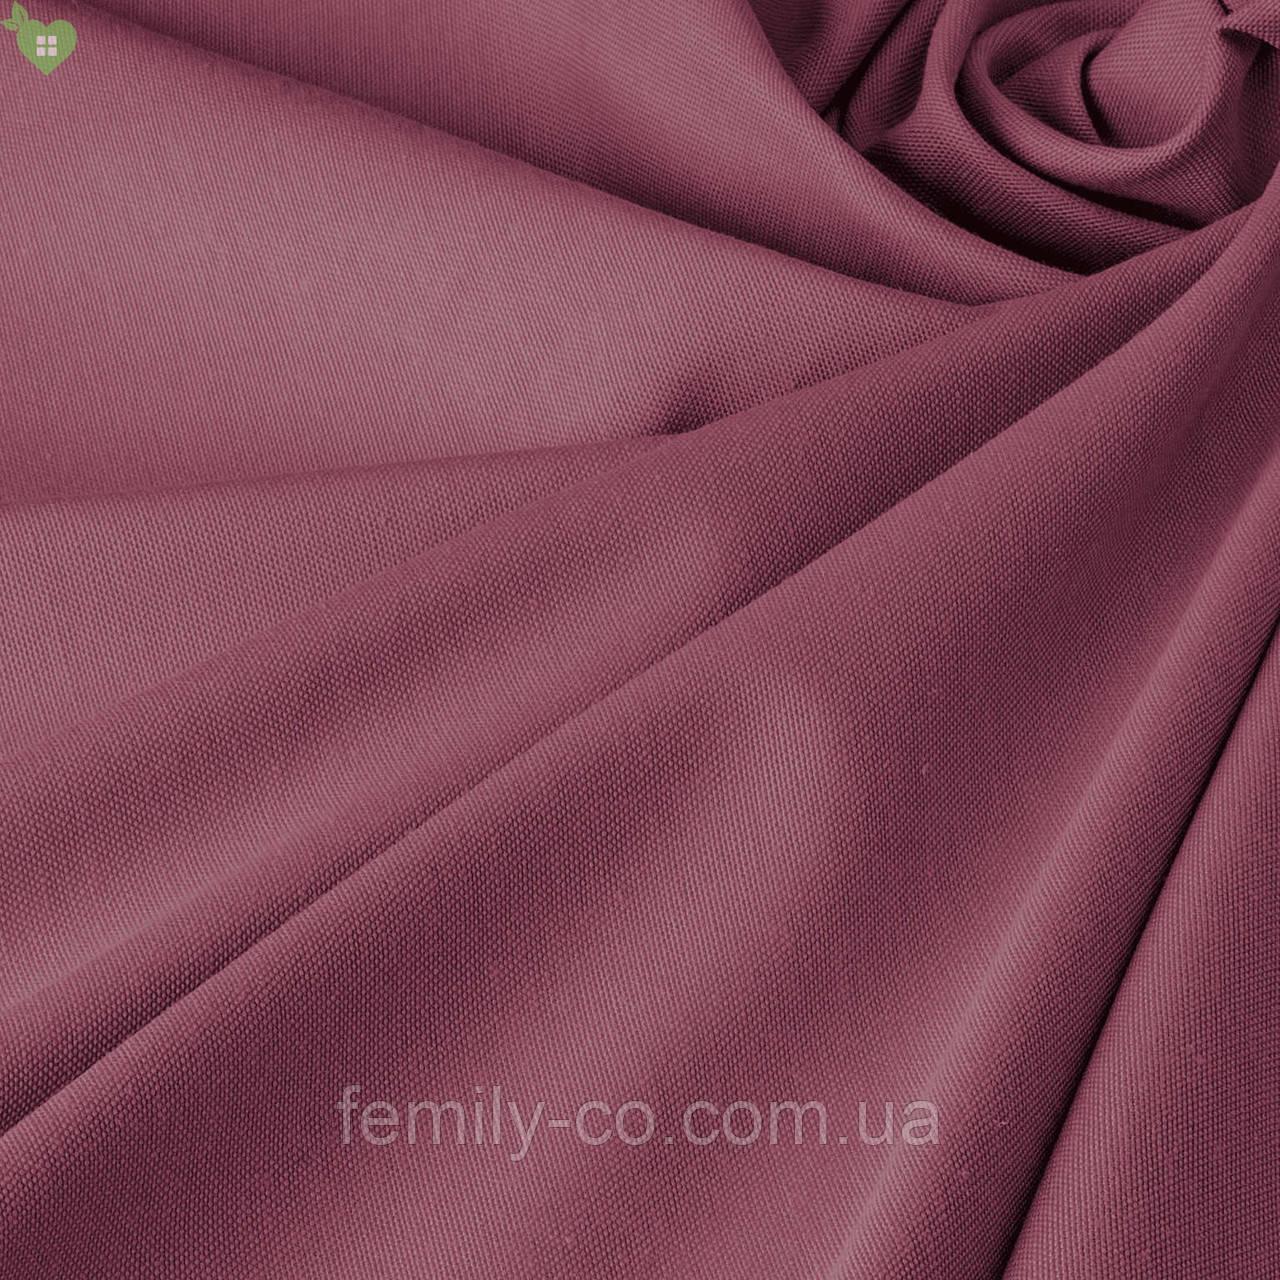 Однотонная декоративная ткань запыленного розового цвета Турция 81133